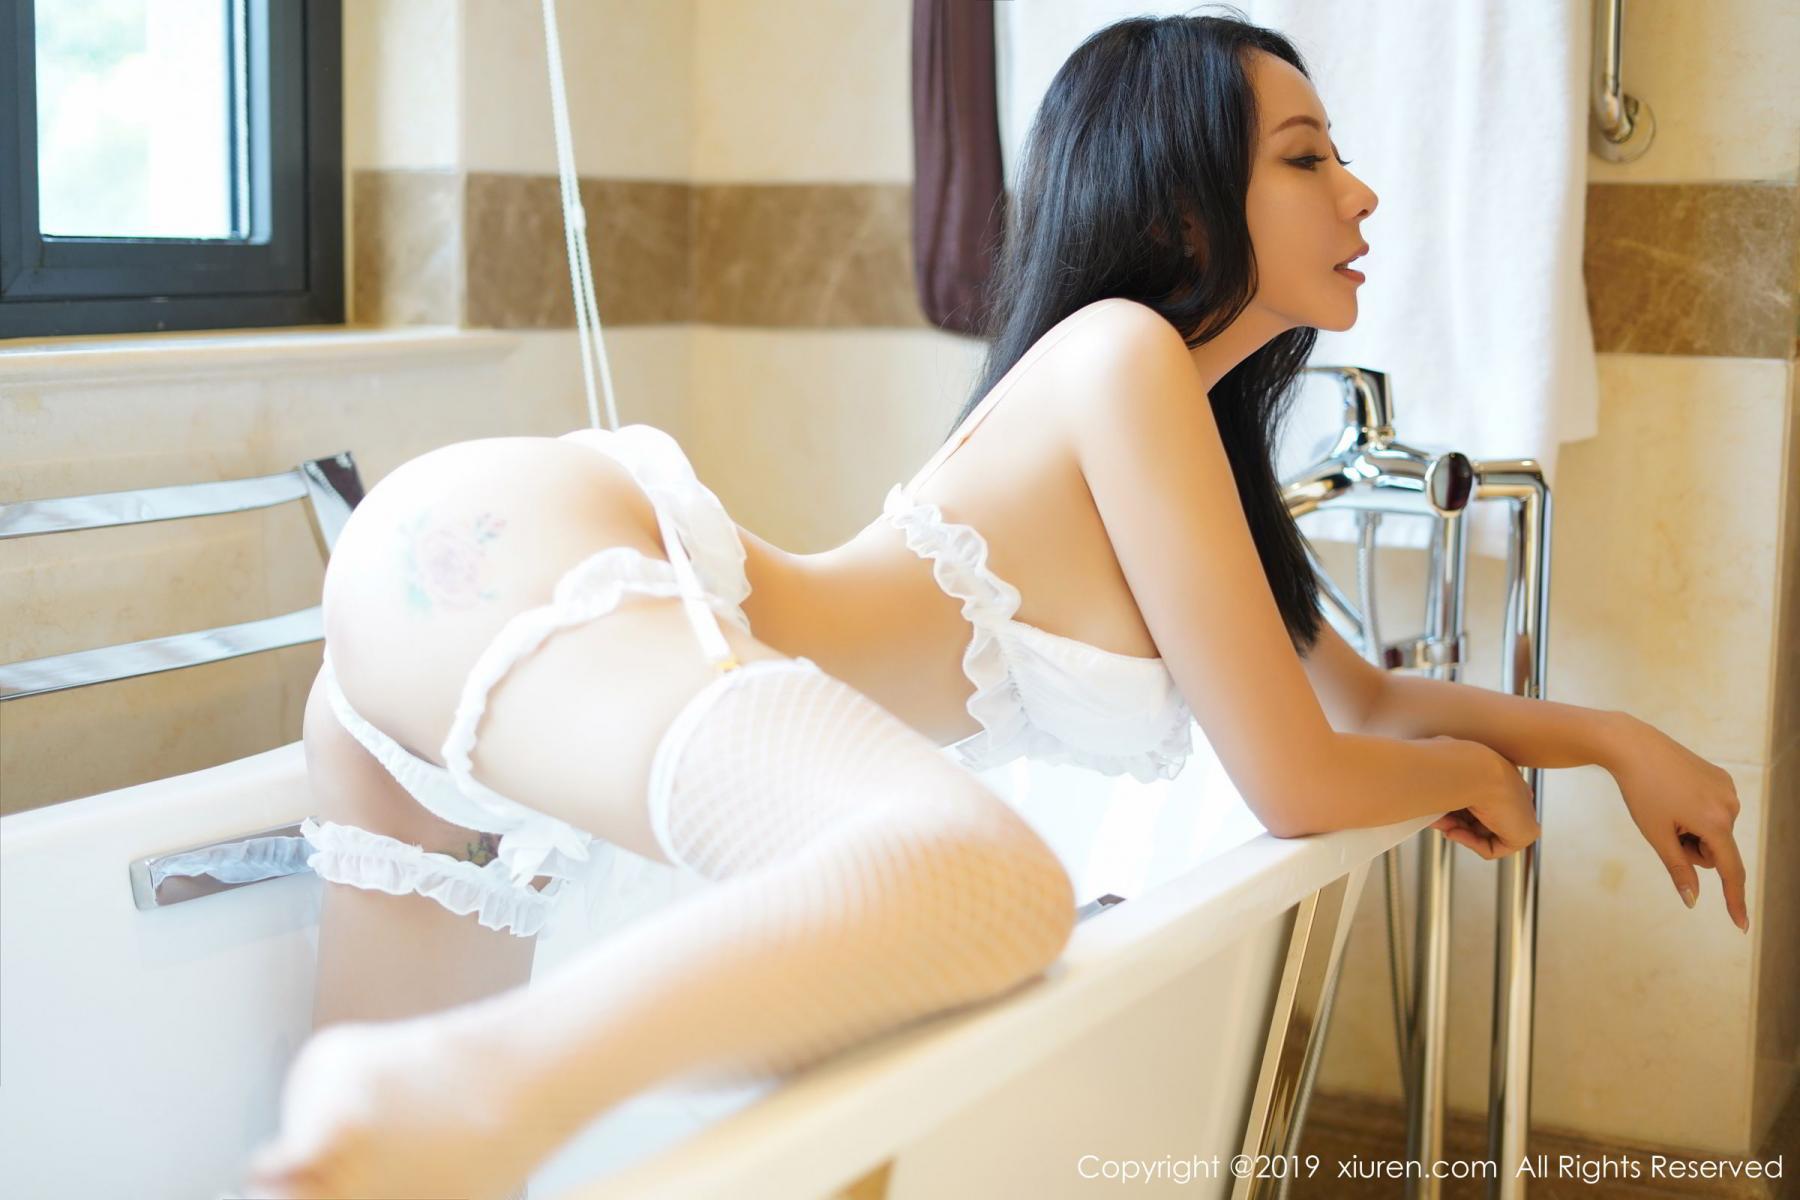 [XiuRen] Vol.1786 Song Guo Er 15P, Bathroom, Mature, Song Guo Er, Underwear, Xiuren